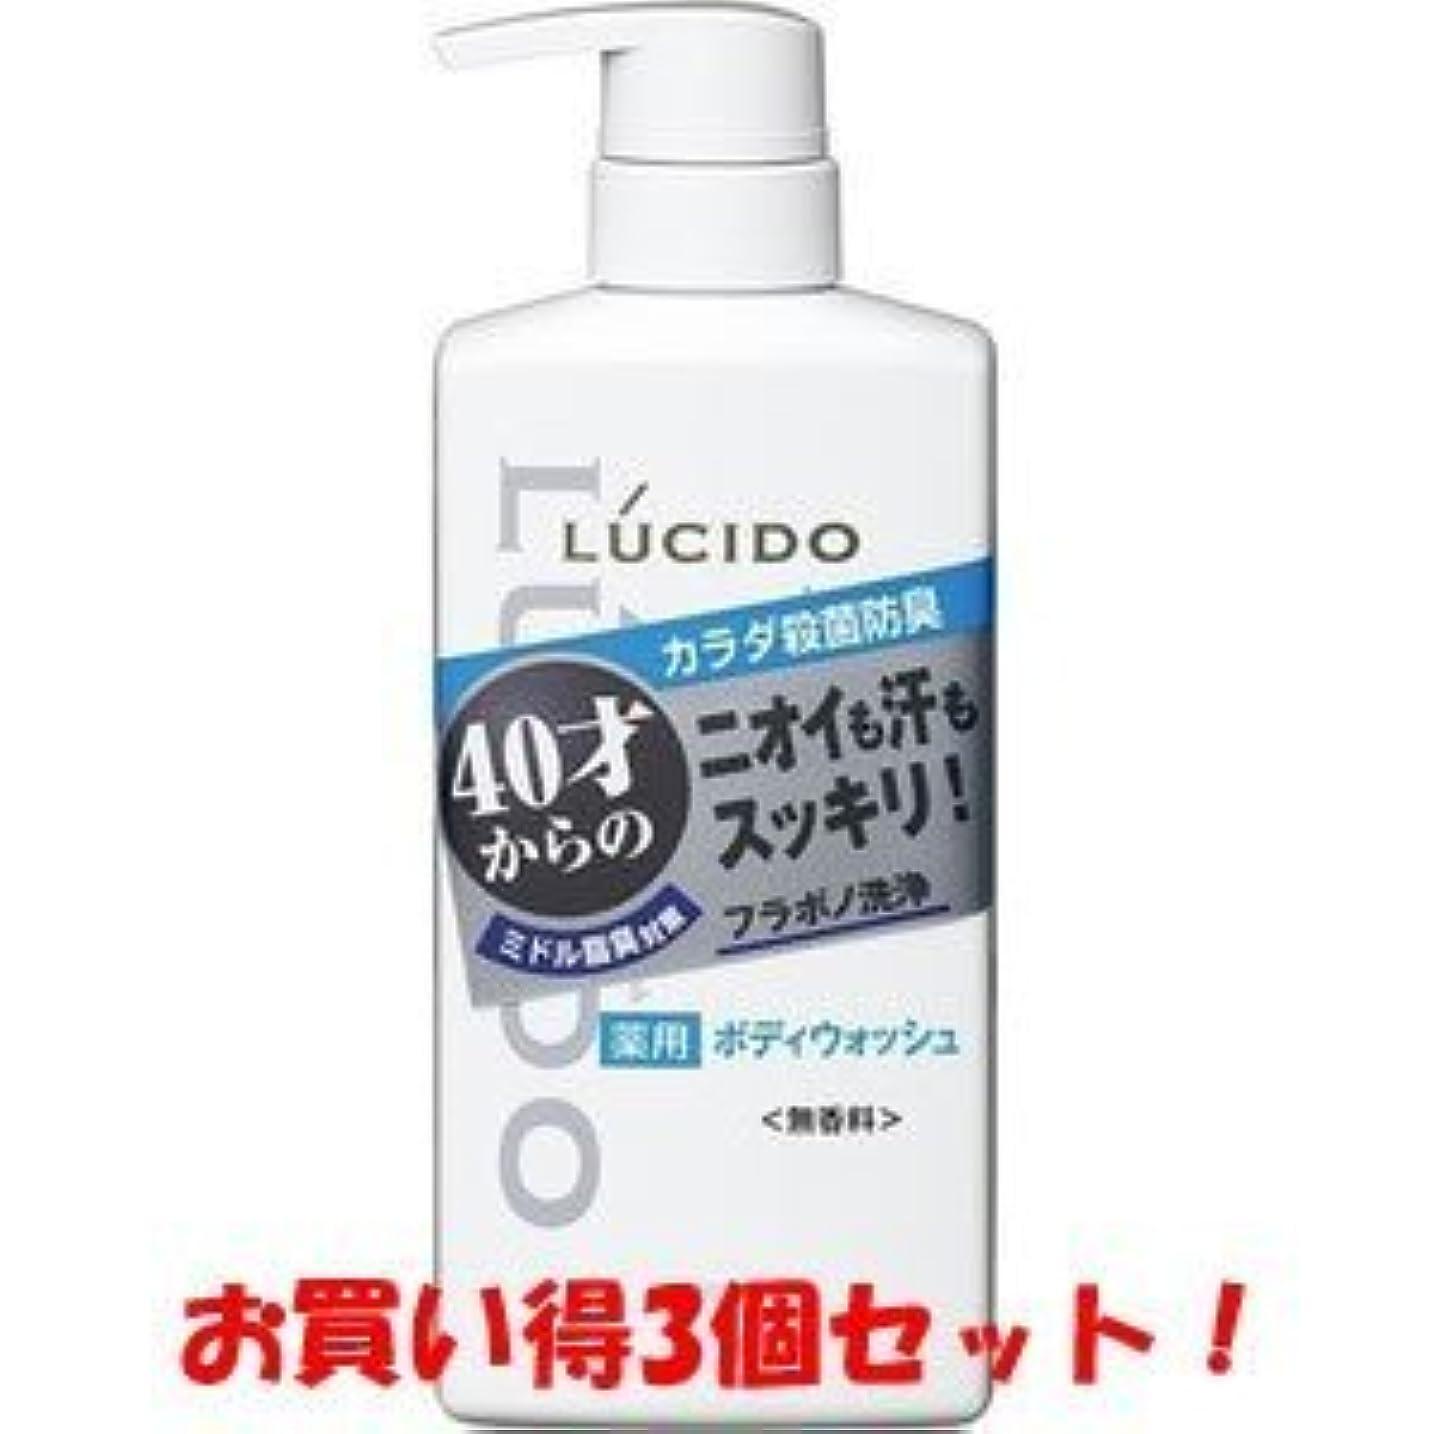 余裕がある車責め【LUCIDO】ルシード 薬用デオドラントボディウォッシュ 450ml(医薬部外品)(お買い得3個セット)